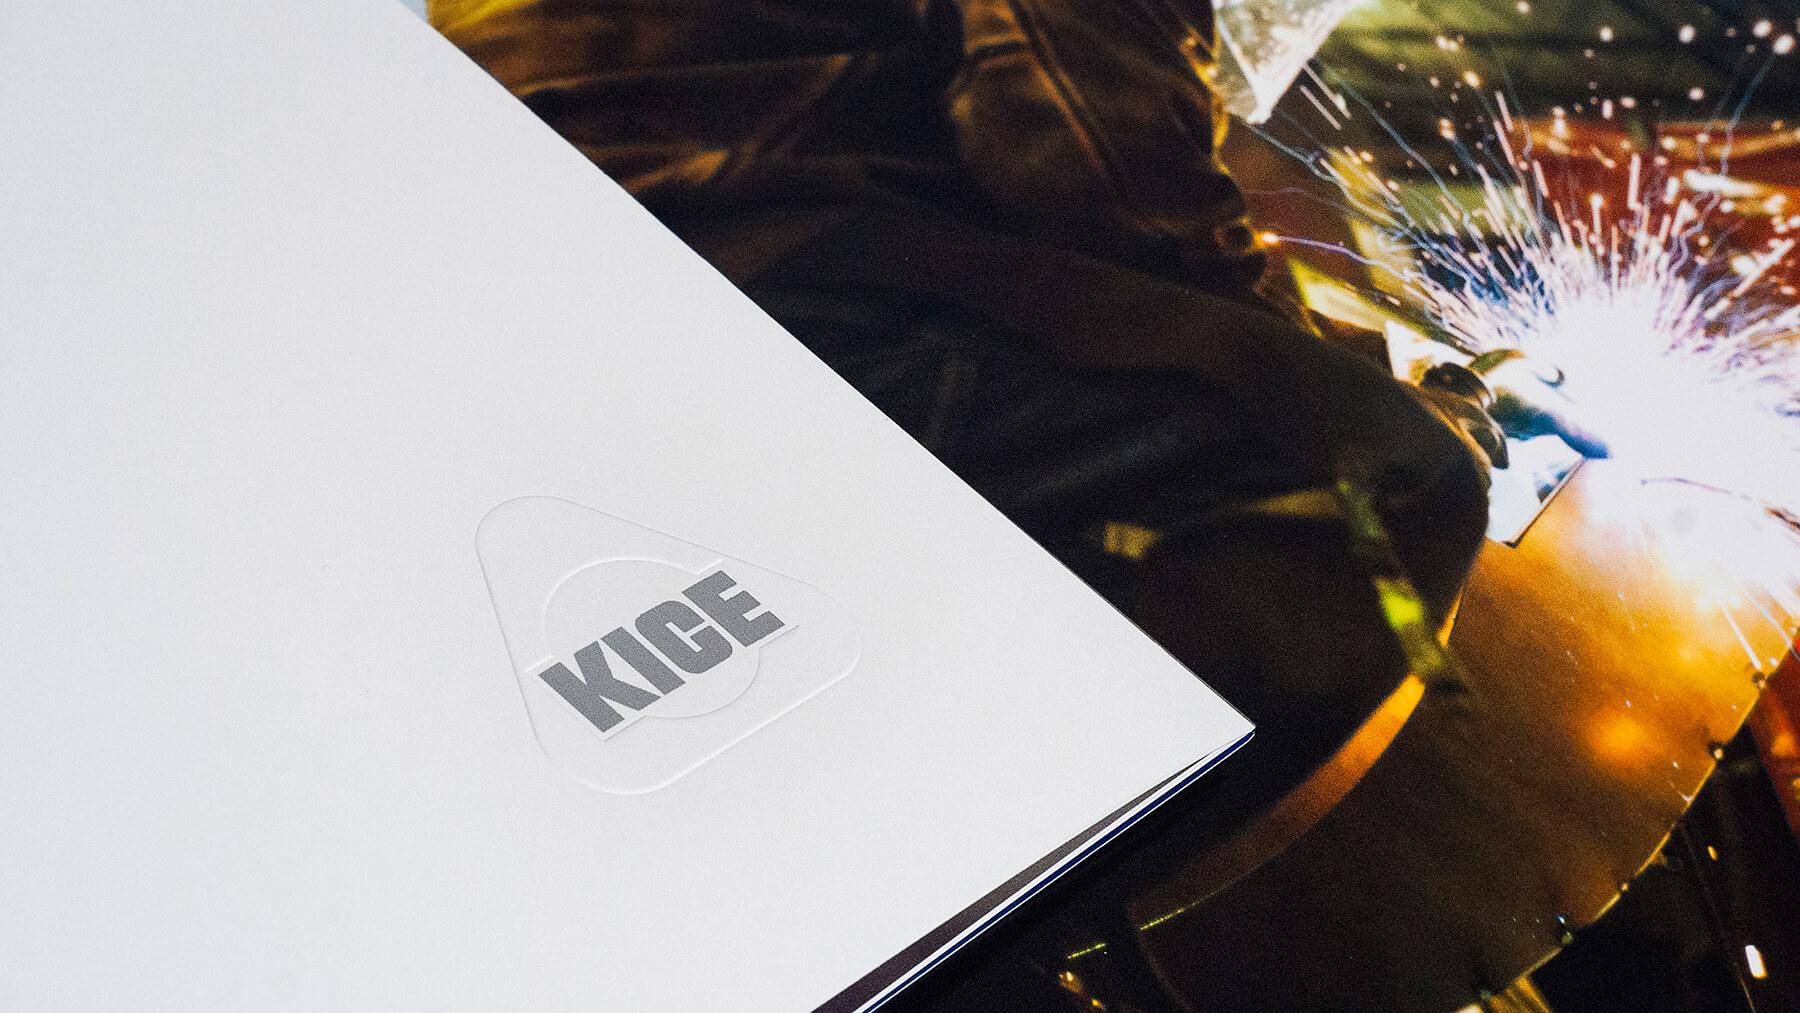 jajo-kice-casestudy-cover